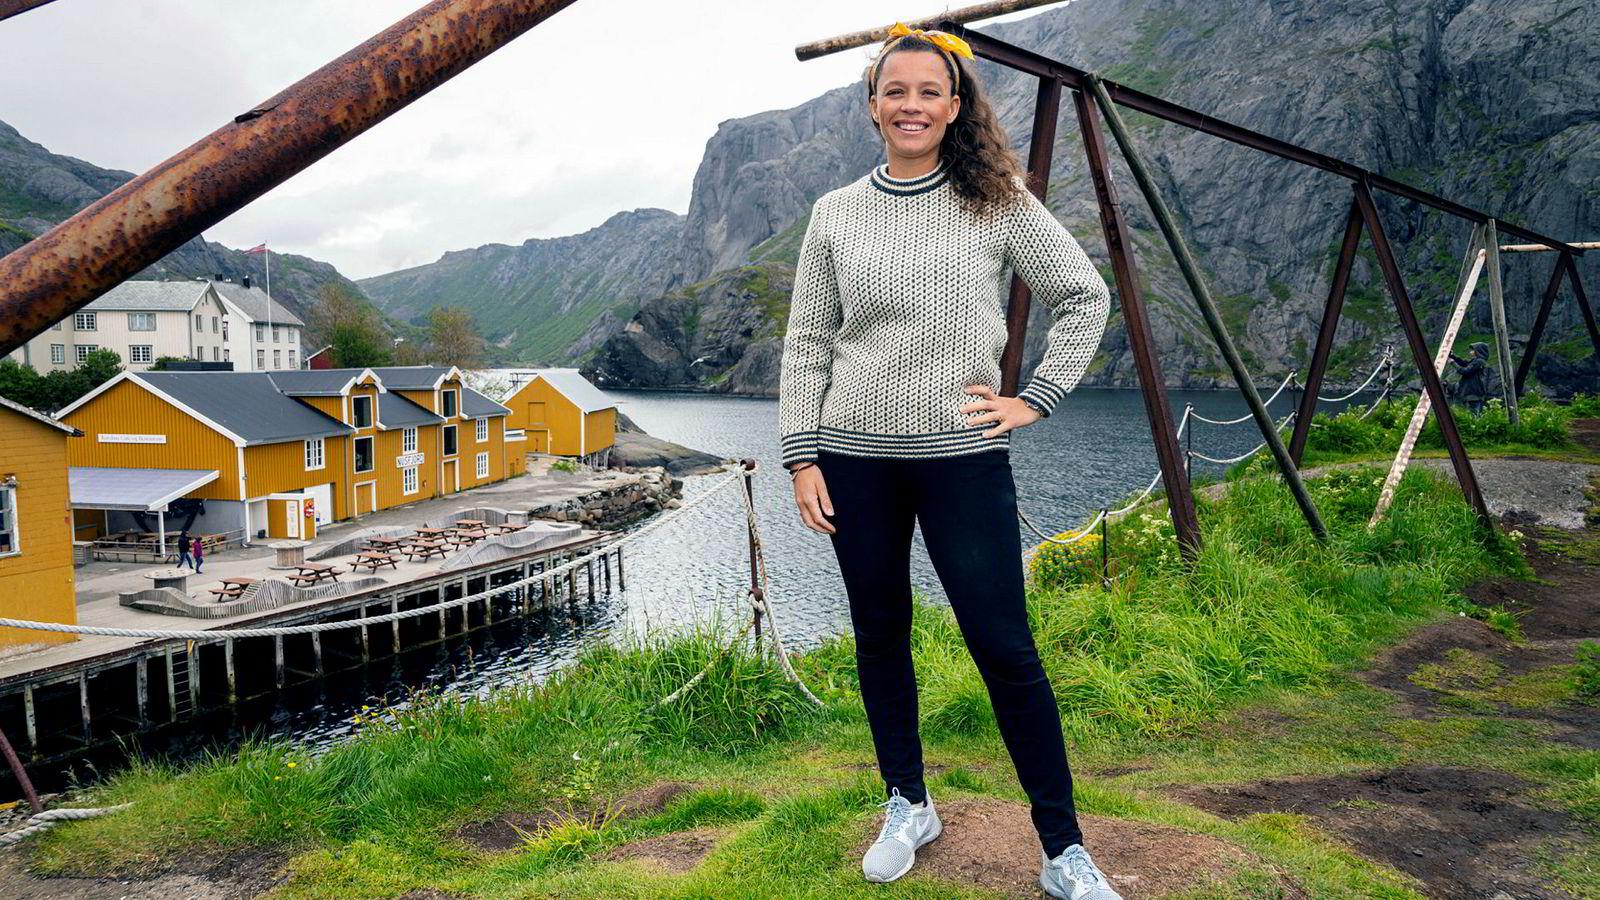 – Vi jobber med å begrense den store trafikken til anlegget, sier Caroline Krefting i Nusfjord.